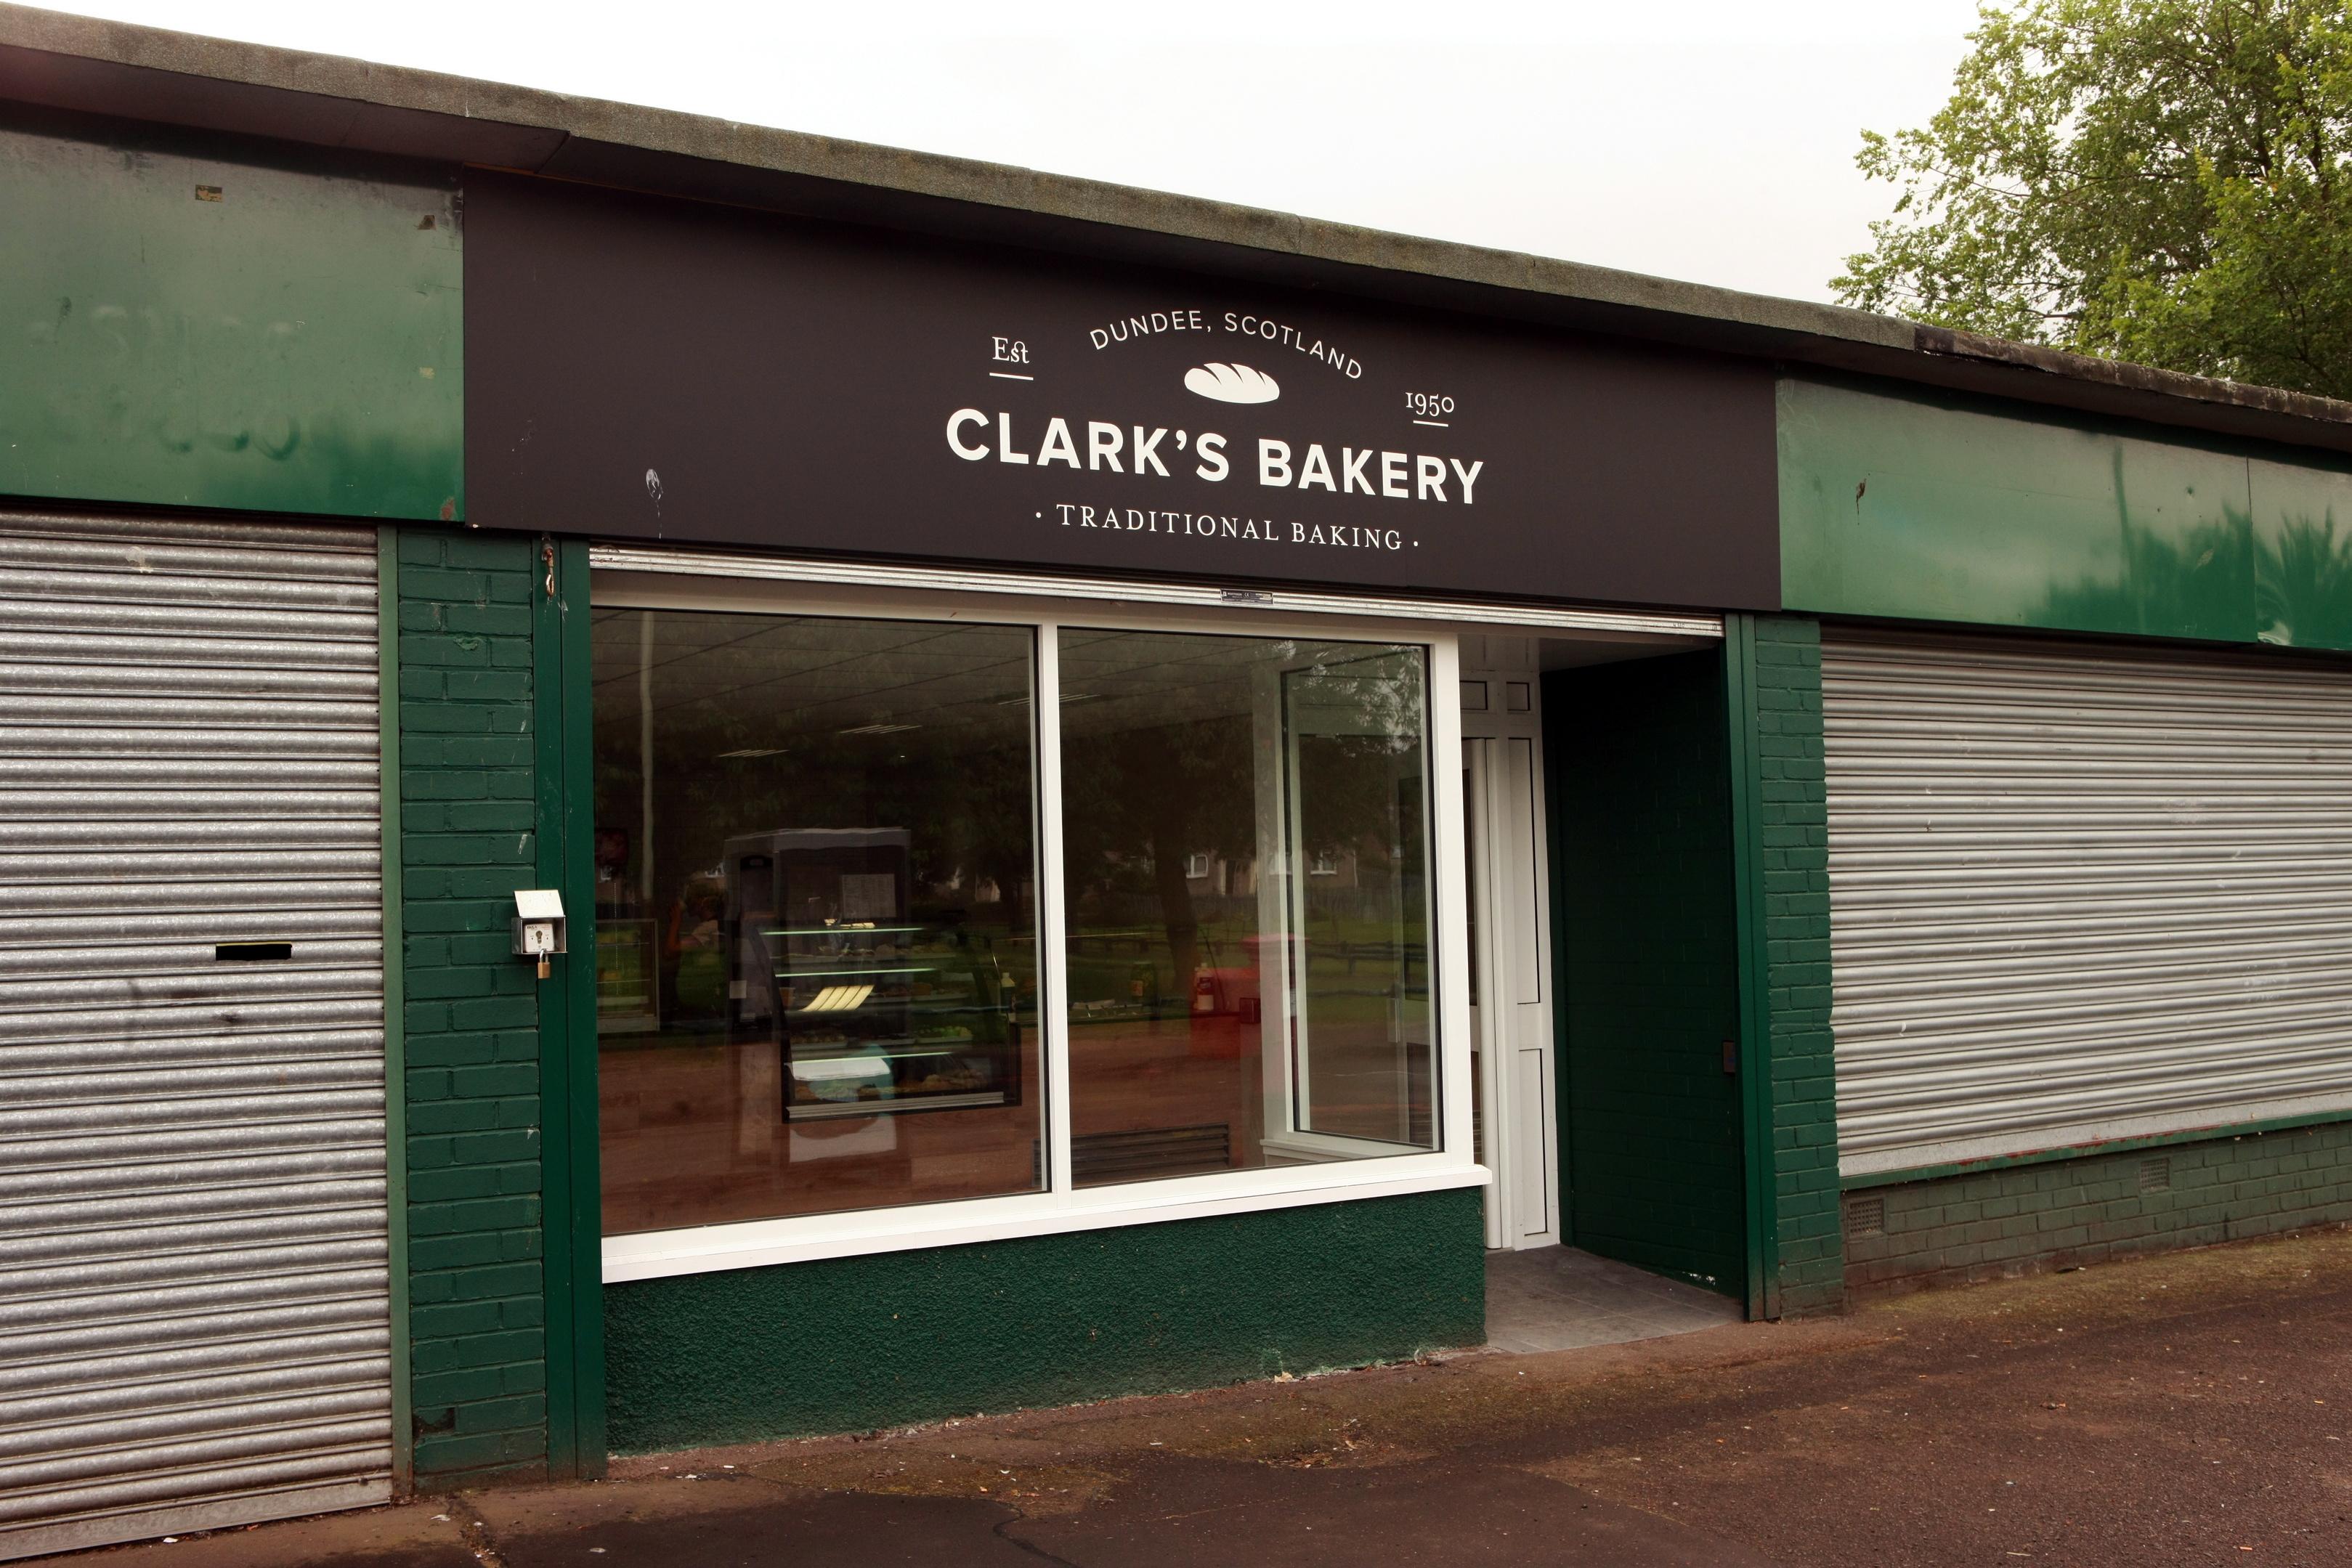 Clark's bakery on Craigowan Road